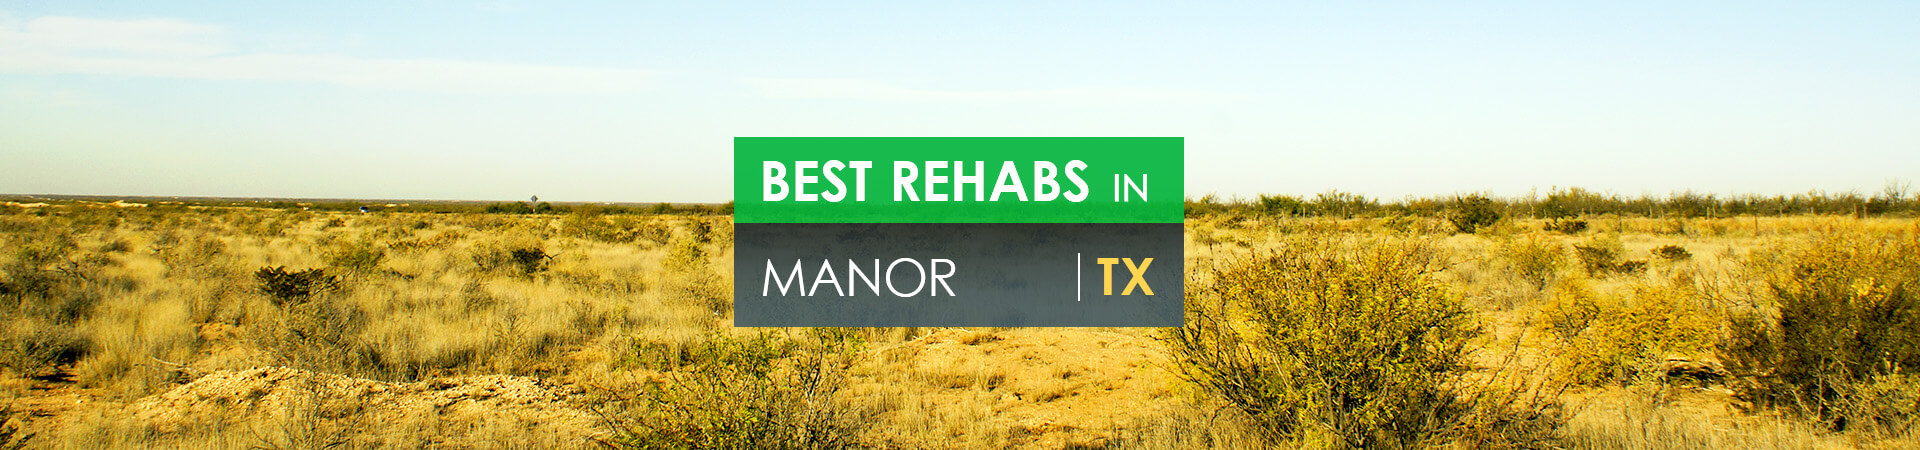 Best rehabs in Manor, TX